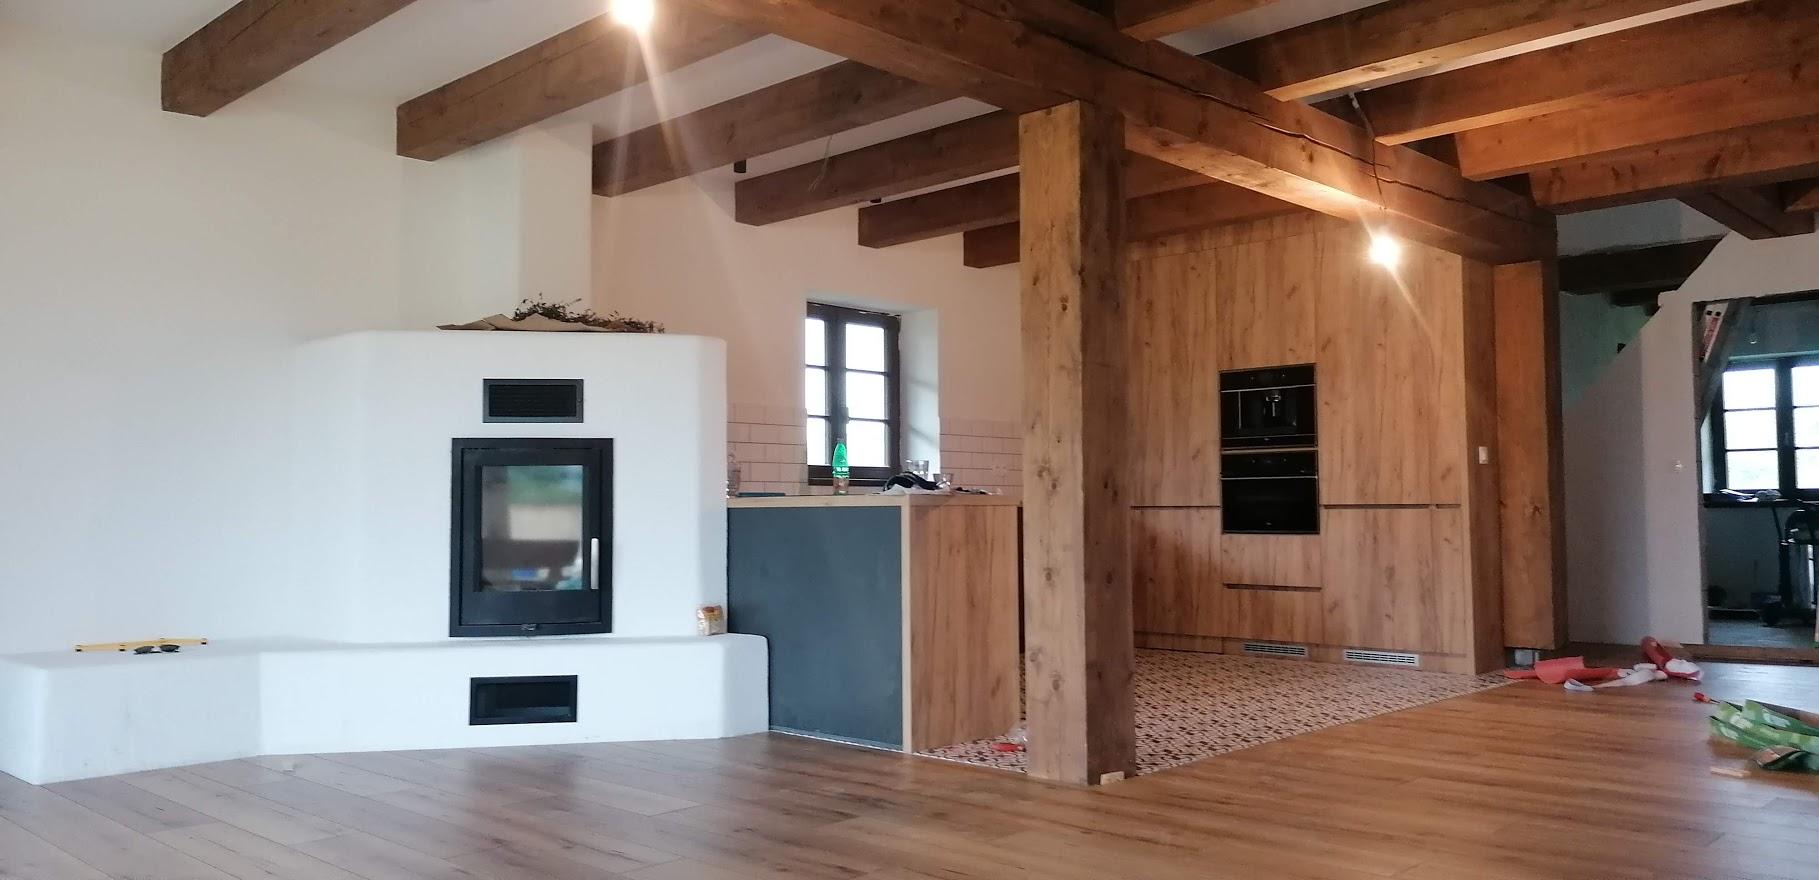 Moderný dom s nádychom slovenskej architektúry - Obrázok č. 12